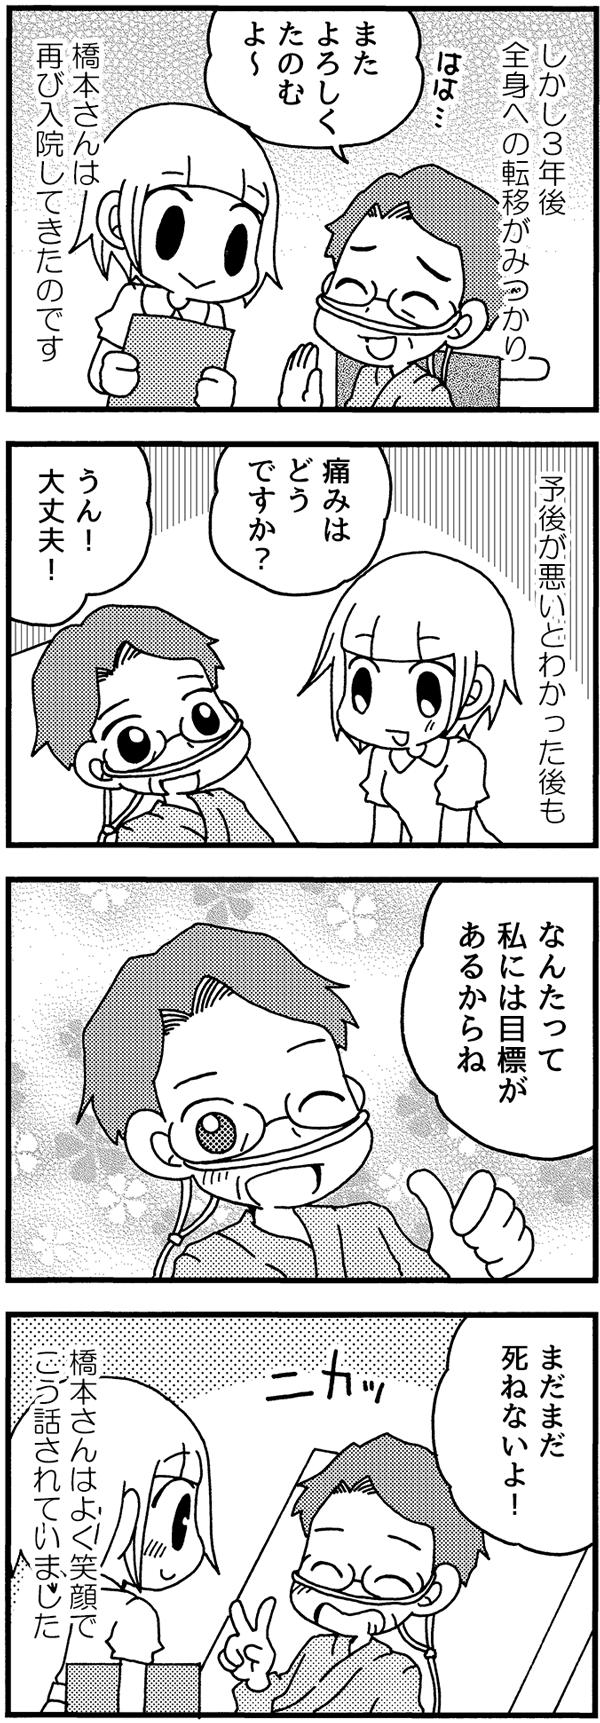 しかし3年後の今、全身への転移がみつかり、橋本さんは再び入院してきました。予後が悪いとわかった後も、橋本さんは明るく「大丈夫!なんたって私には目標があるからね、まだまだ死ねないよ!」とよく笑顔で話されていました。